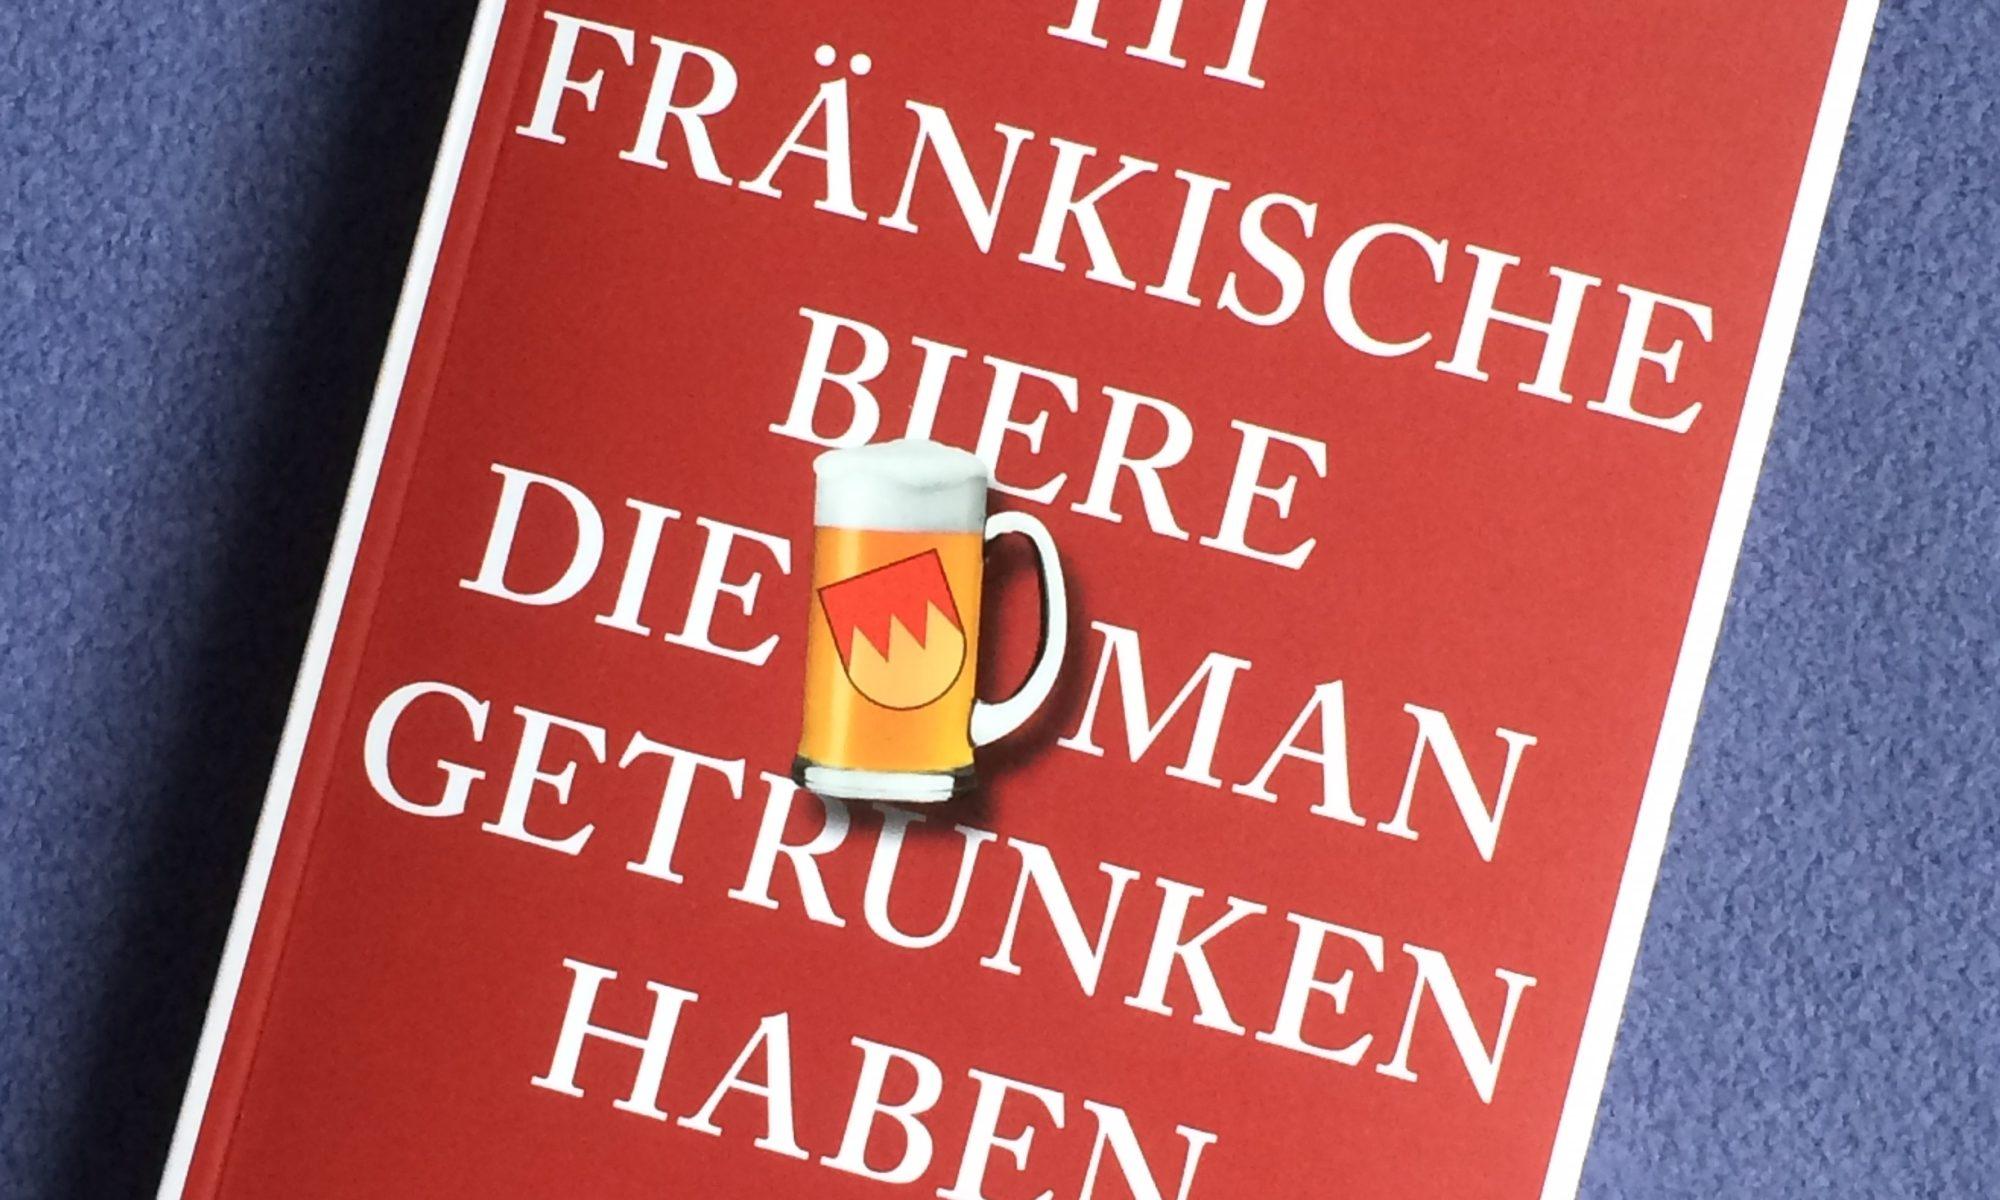 Wegweiser zu den besten fränkischen Bieren. | Foto: B. Schneider